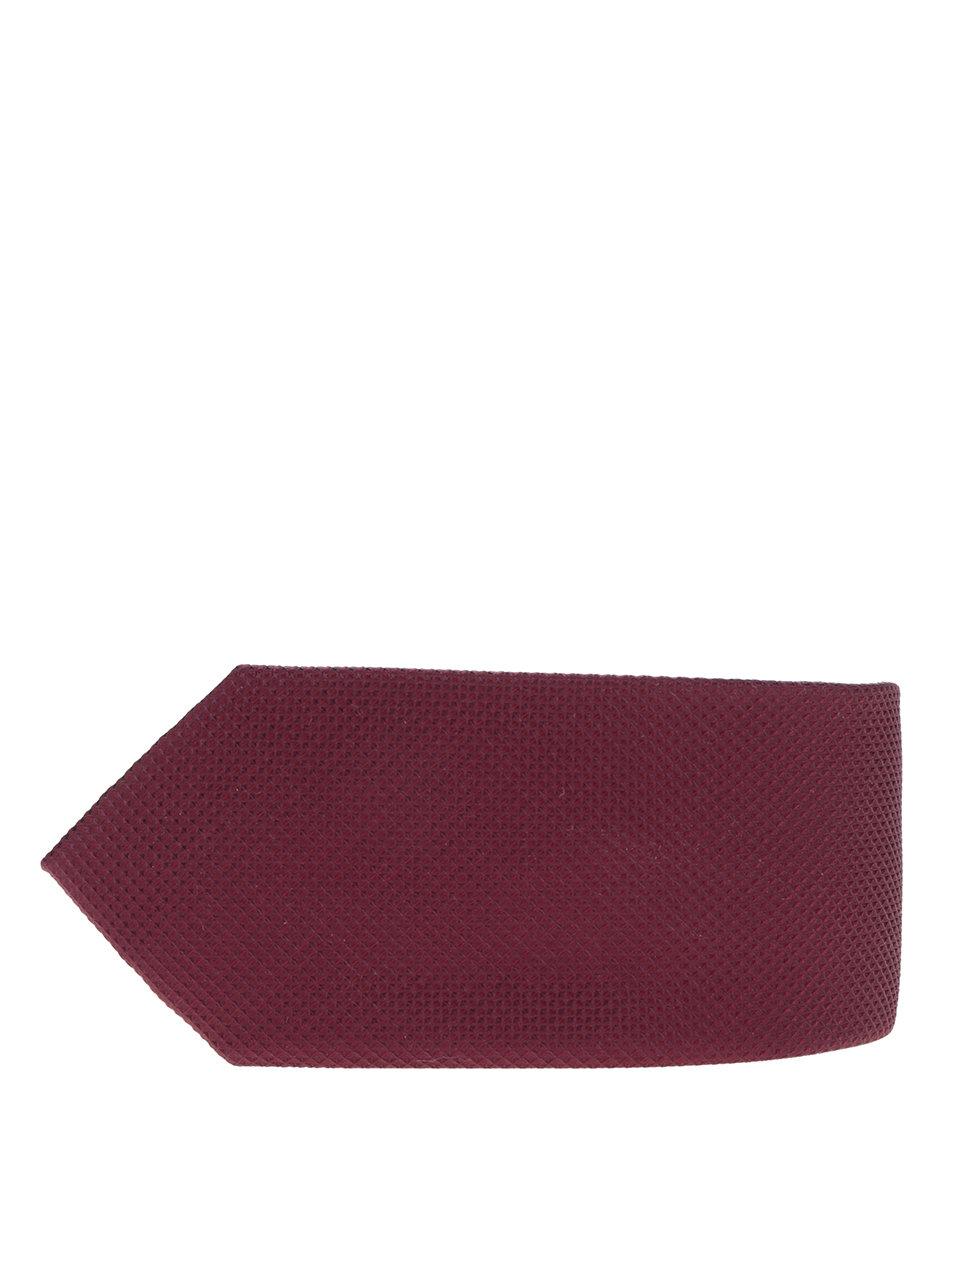 Vínová hedvábná kravata s jemným vzorem Jack & Jones Premium Colombia